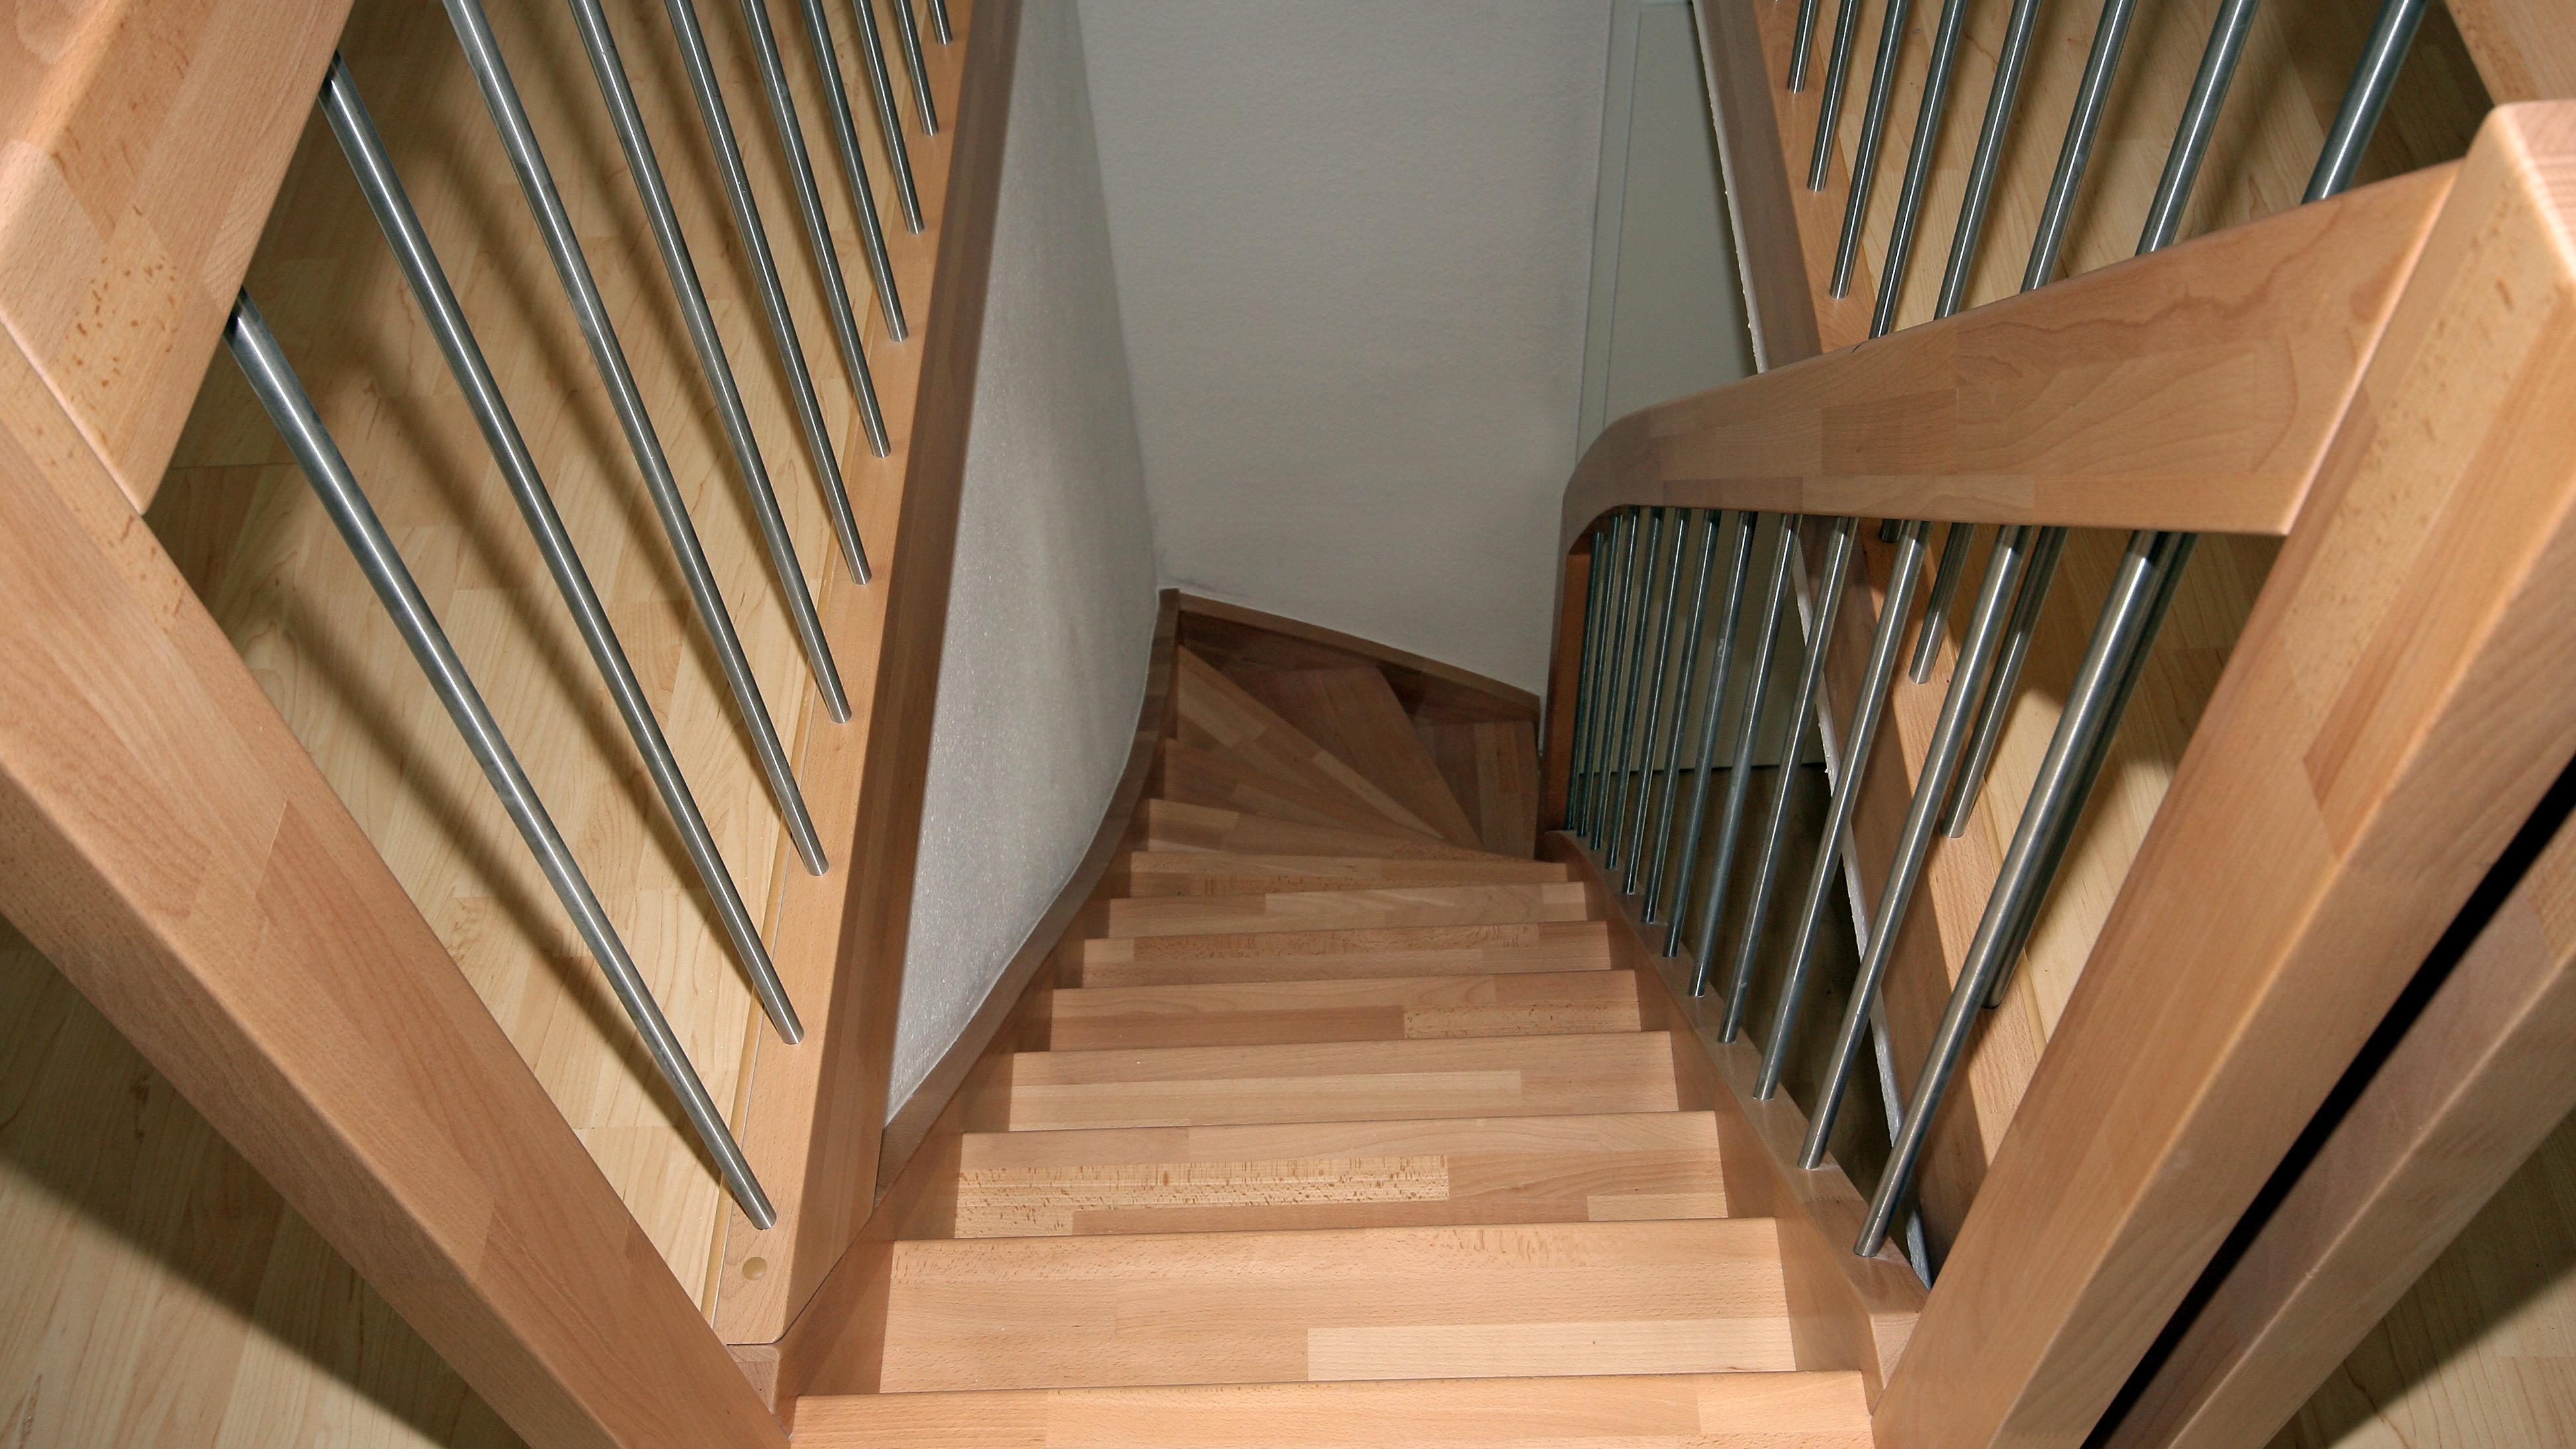 Treppengeländer lackieren: Darauf sollten Sie achten